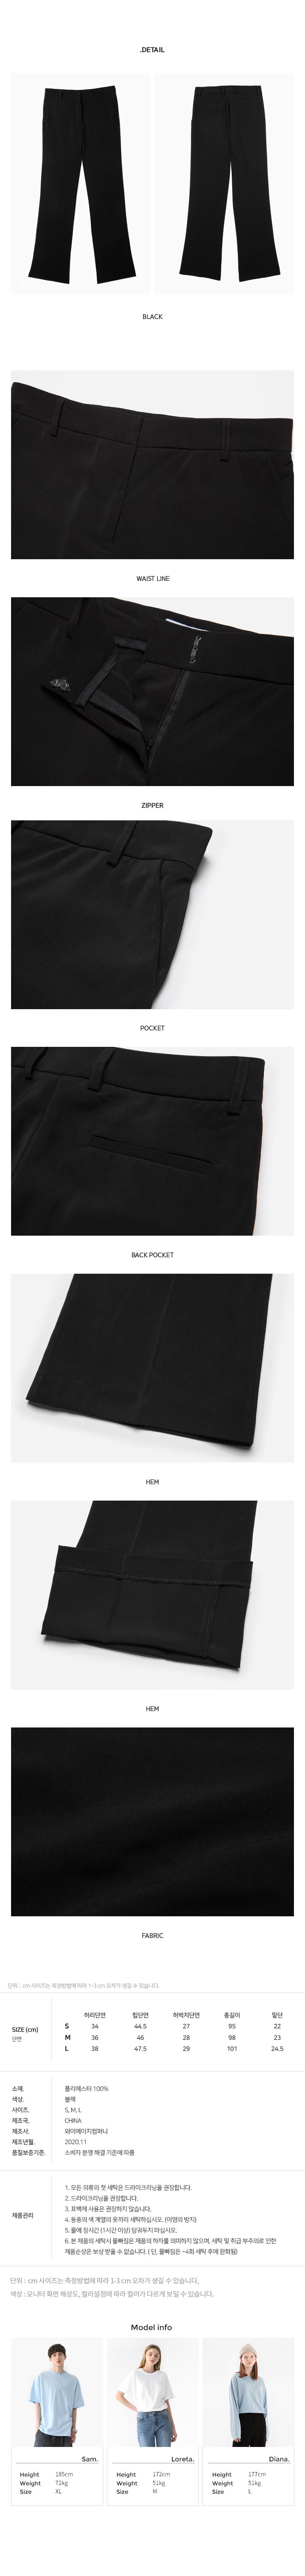 [minimal project] 미니멀프로젝트 women 부츠컷 슬랙스 MPT123